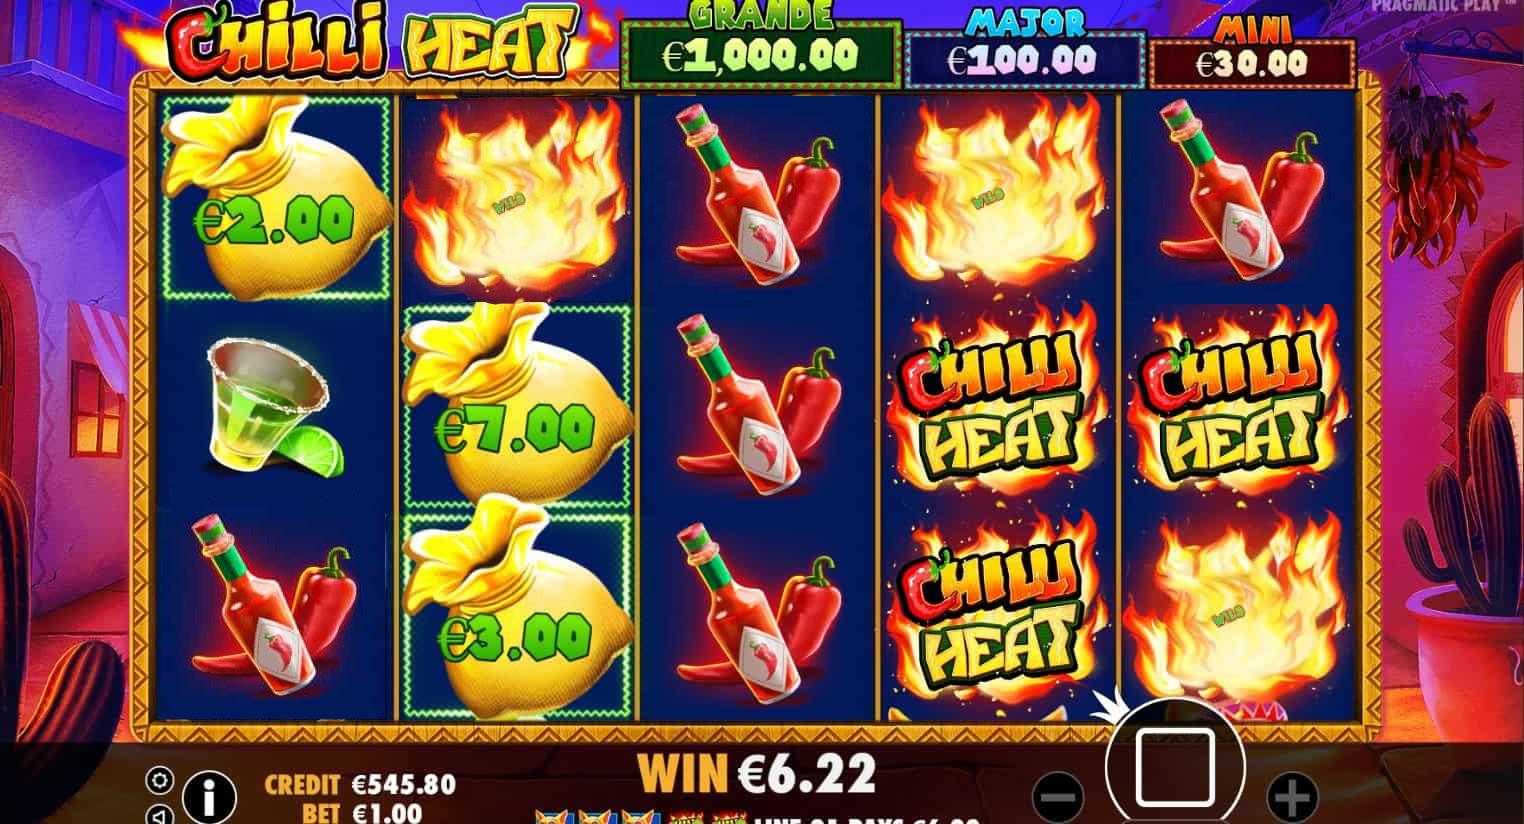 Chilli Heat Gameplay